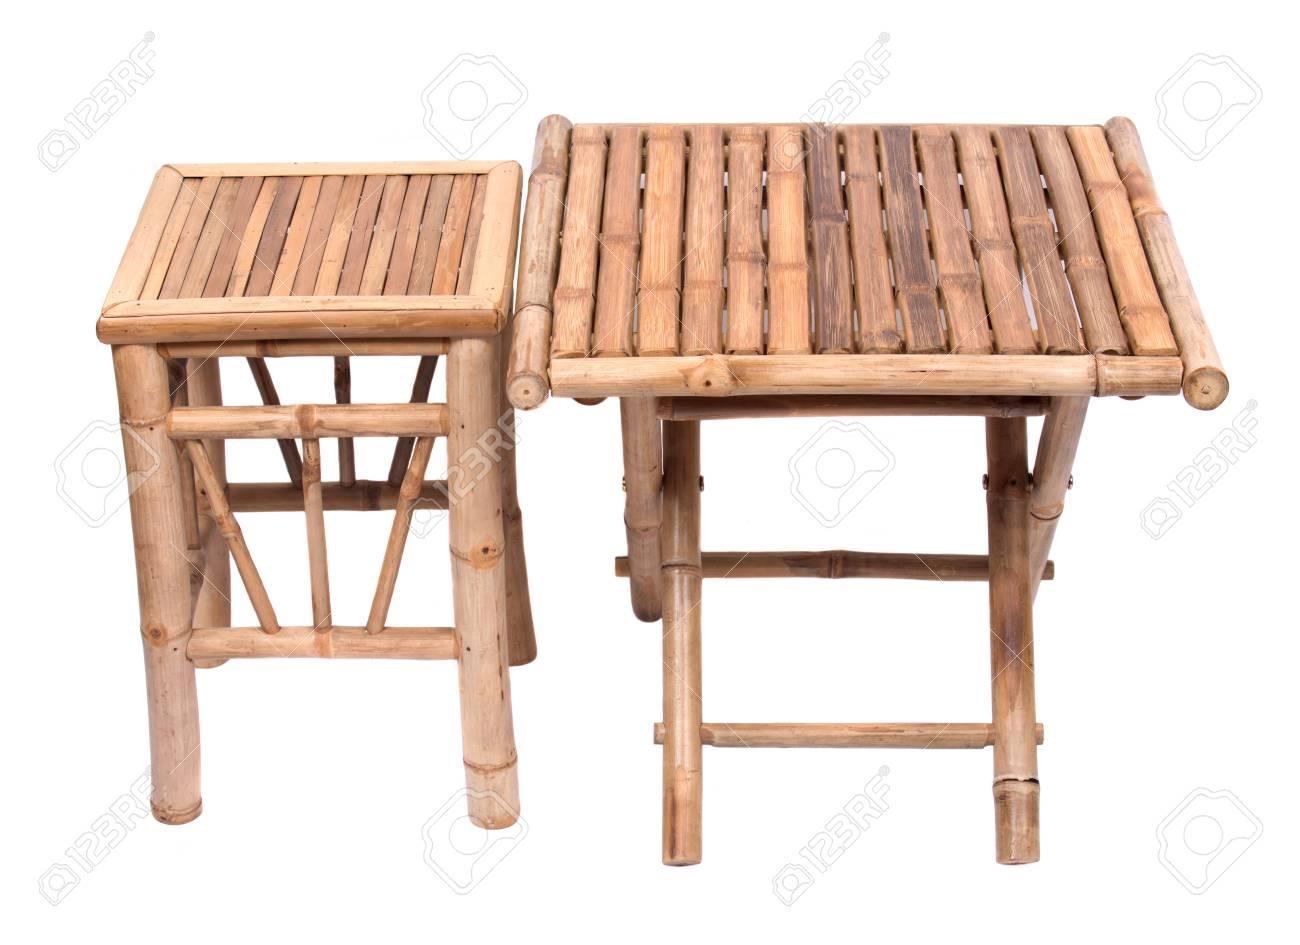 Table Pliante En Bambou Naturel Avec Chaise Isole Sur Fond Blanc